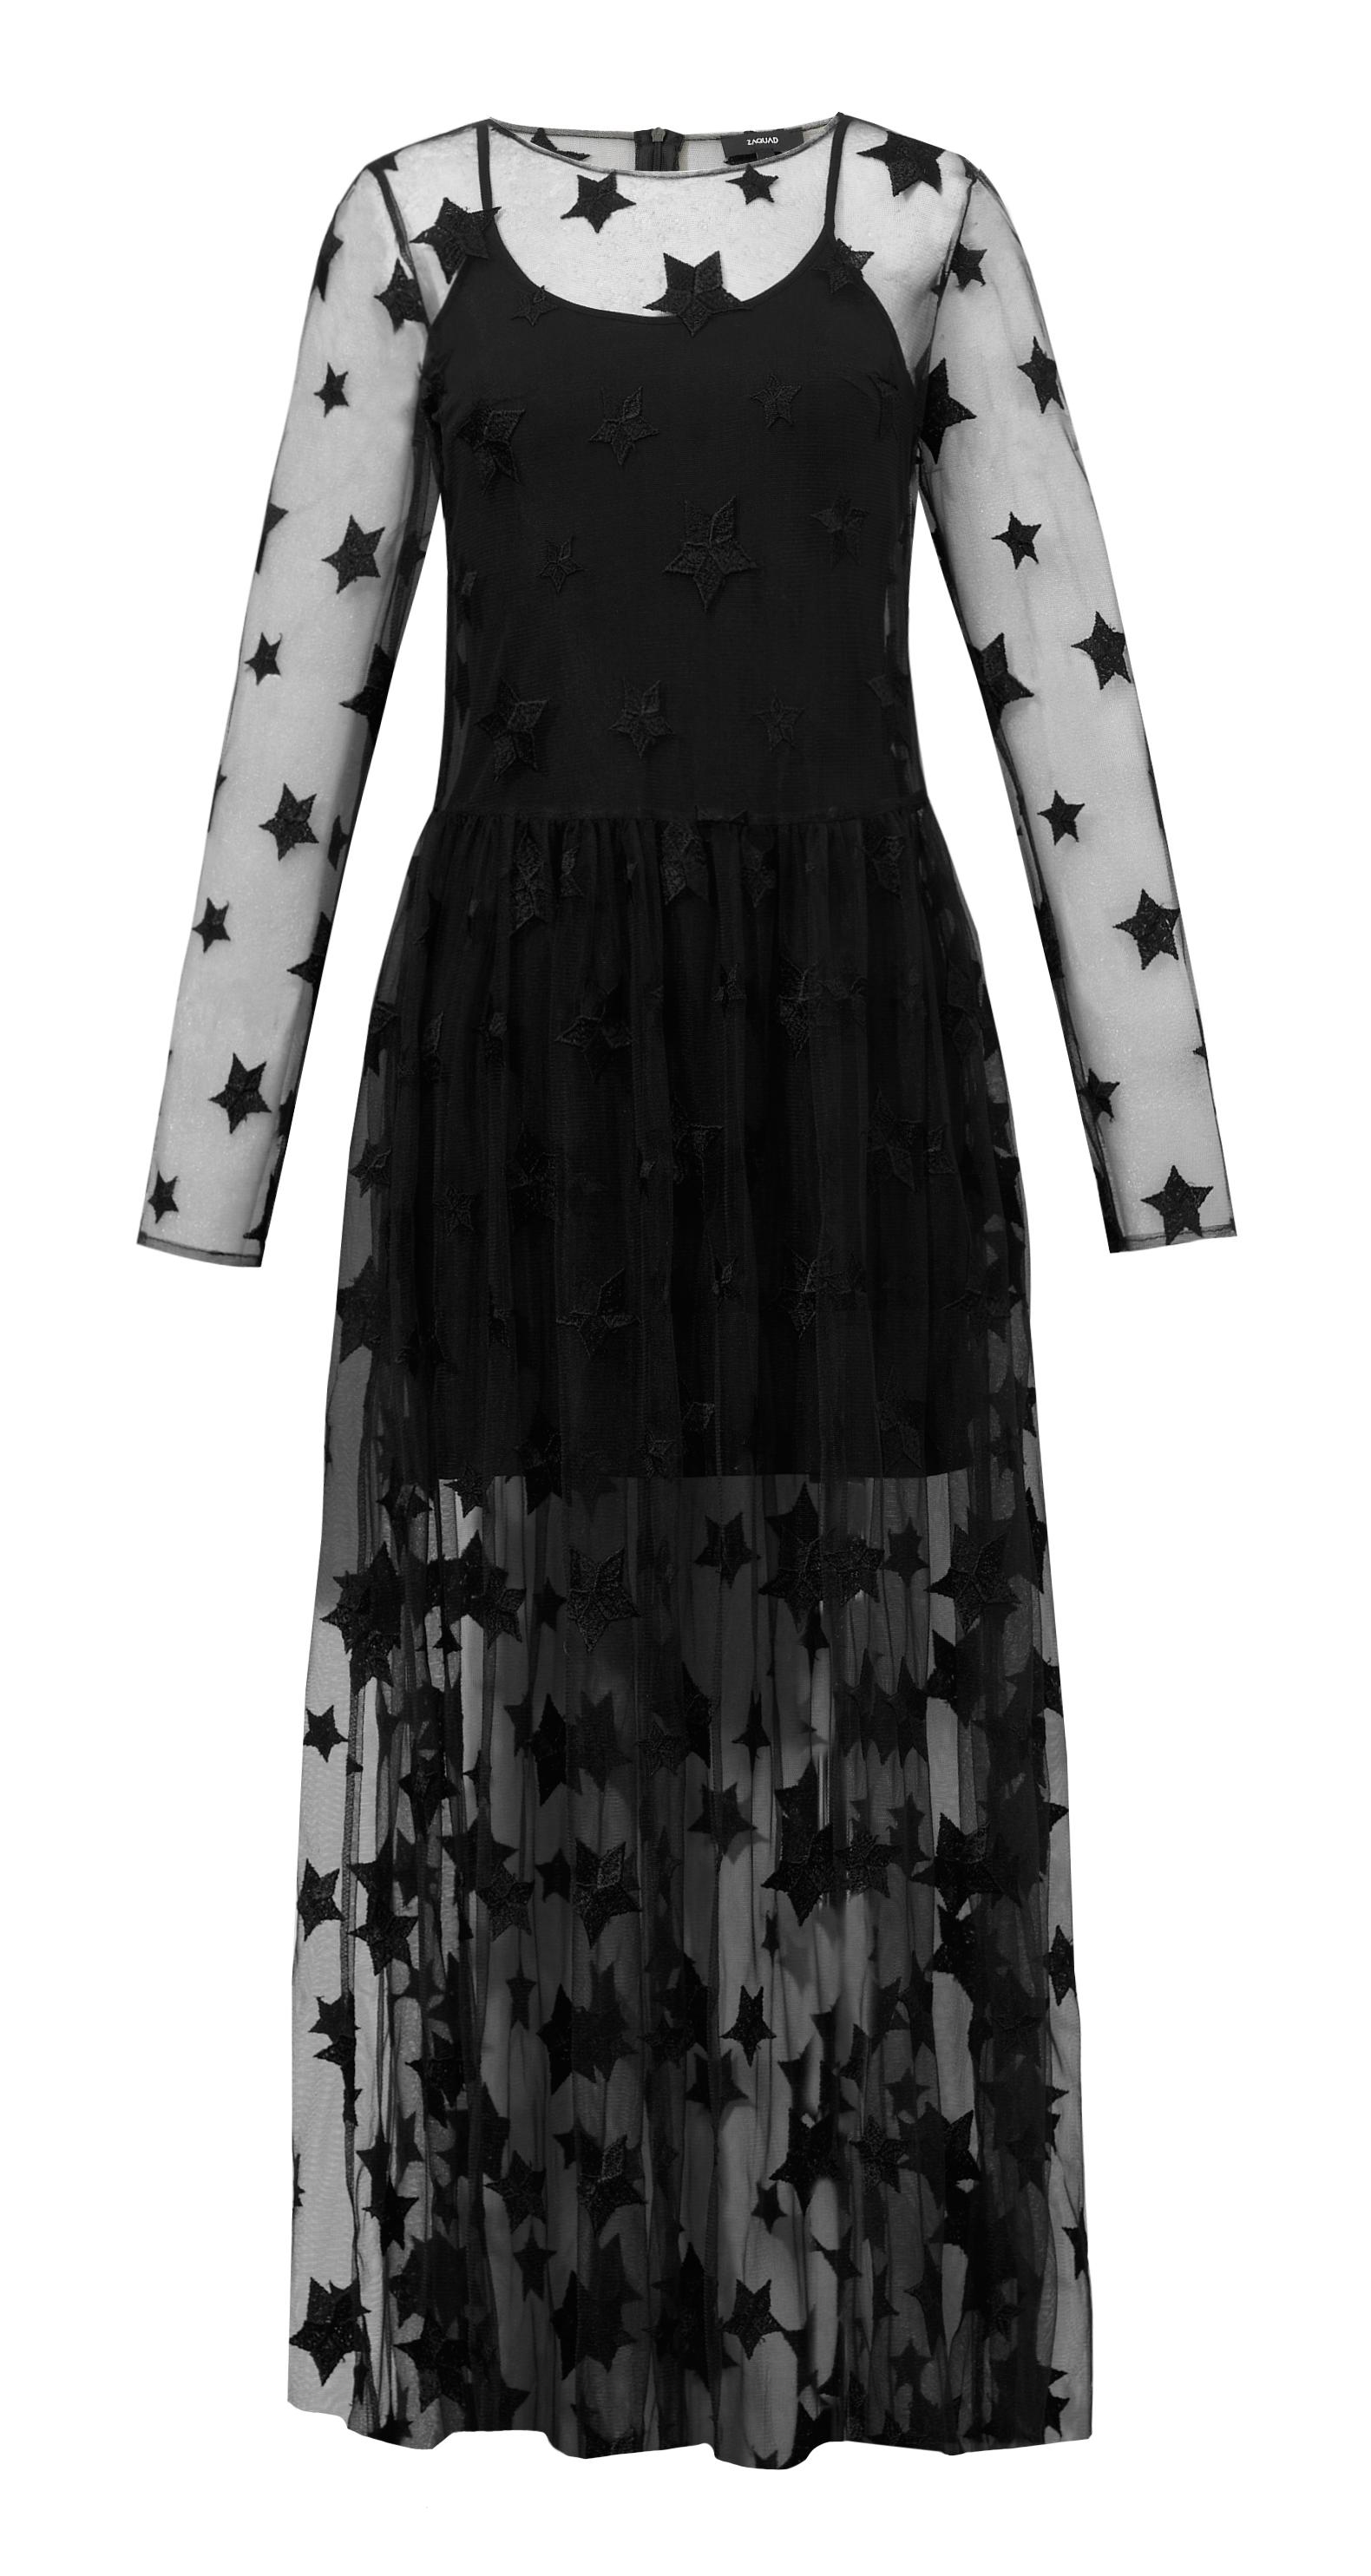 fc89e657 Sukienka szyfonowa w gwiazdki maxi czarna